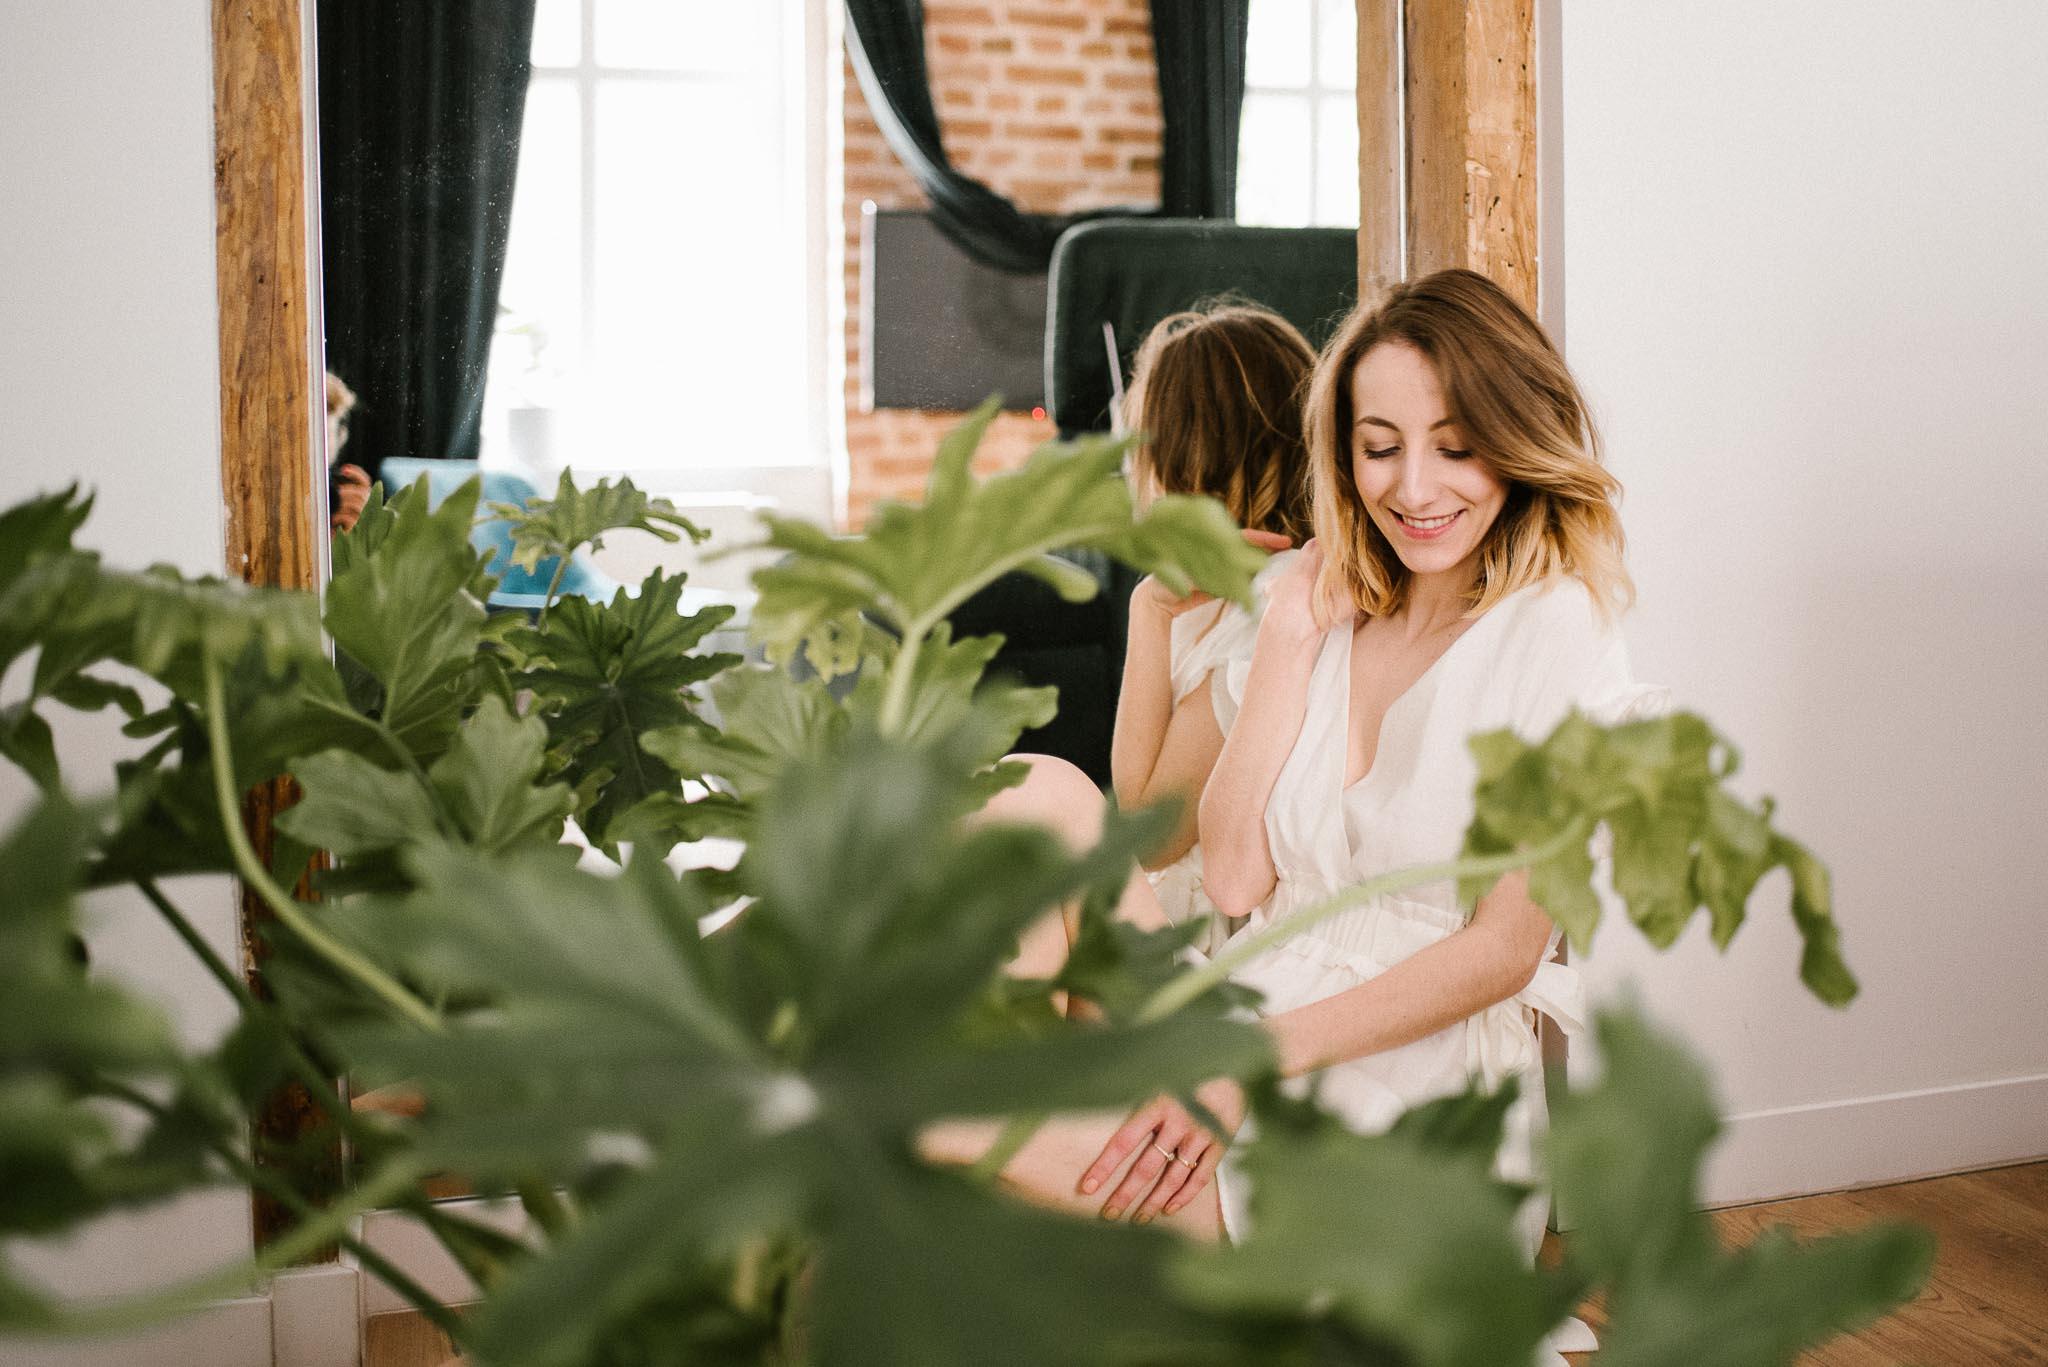 Kobieta siedzi przed lustrem na podłodze podczas kobiecej sesji